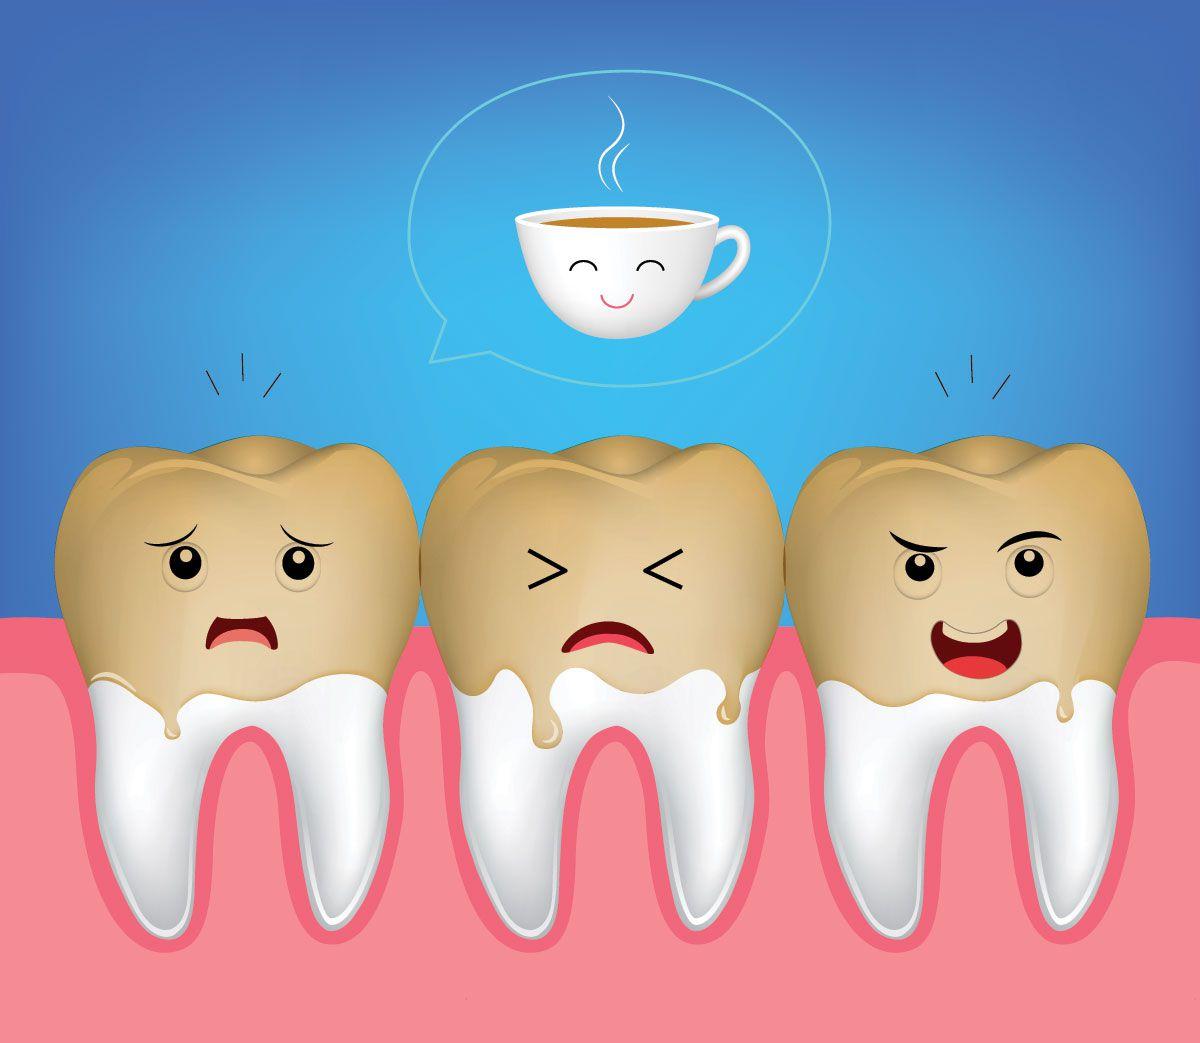 Răng cửa bị đổi màu có nguy hiểm không? Cách xử lý như thế nào?